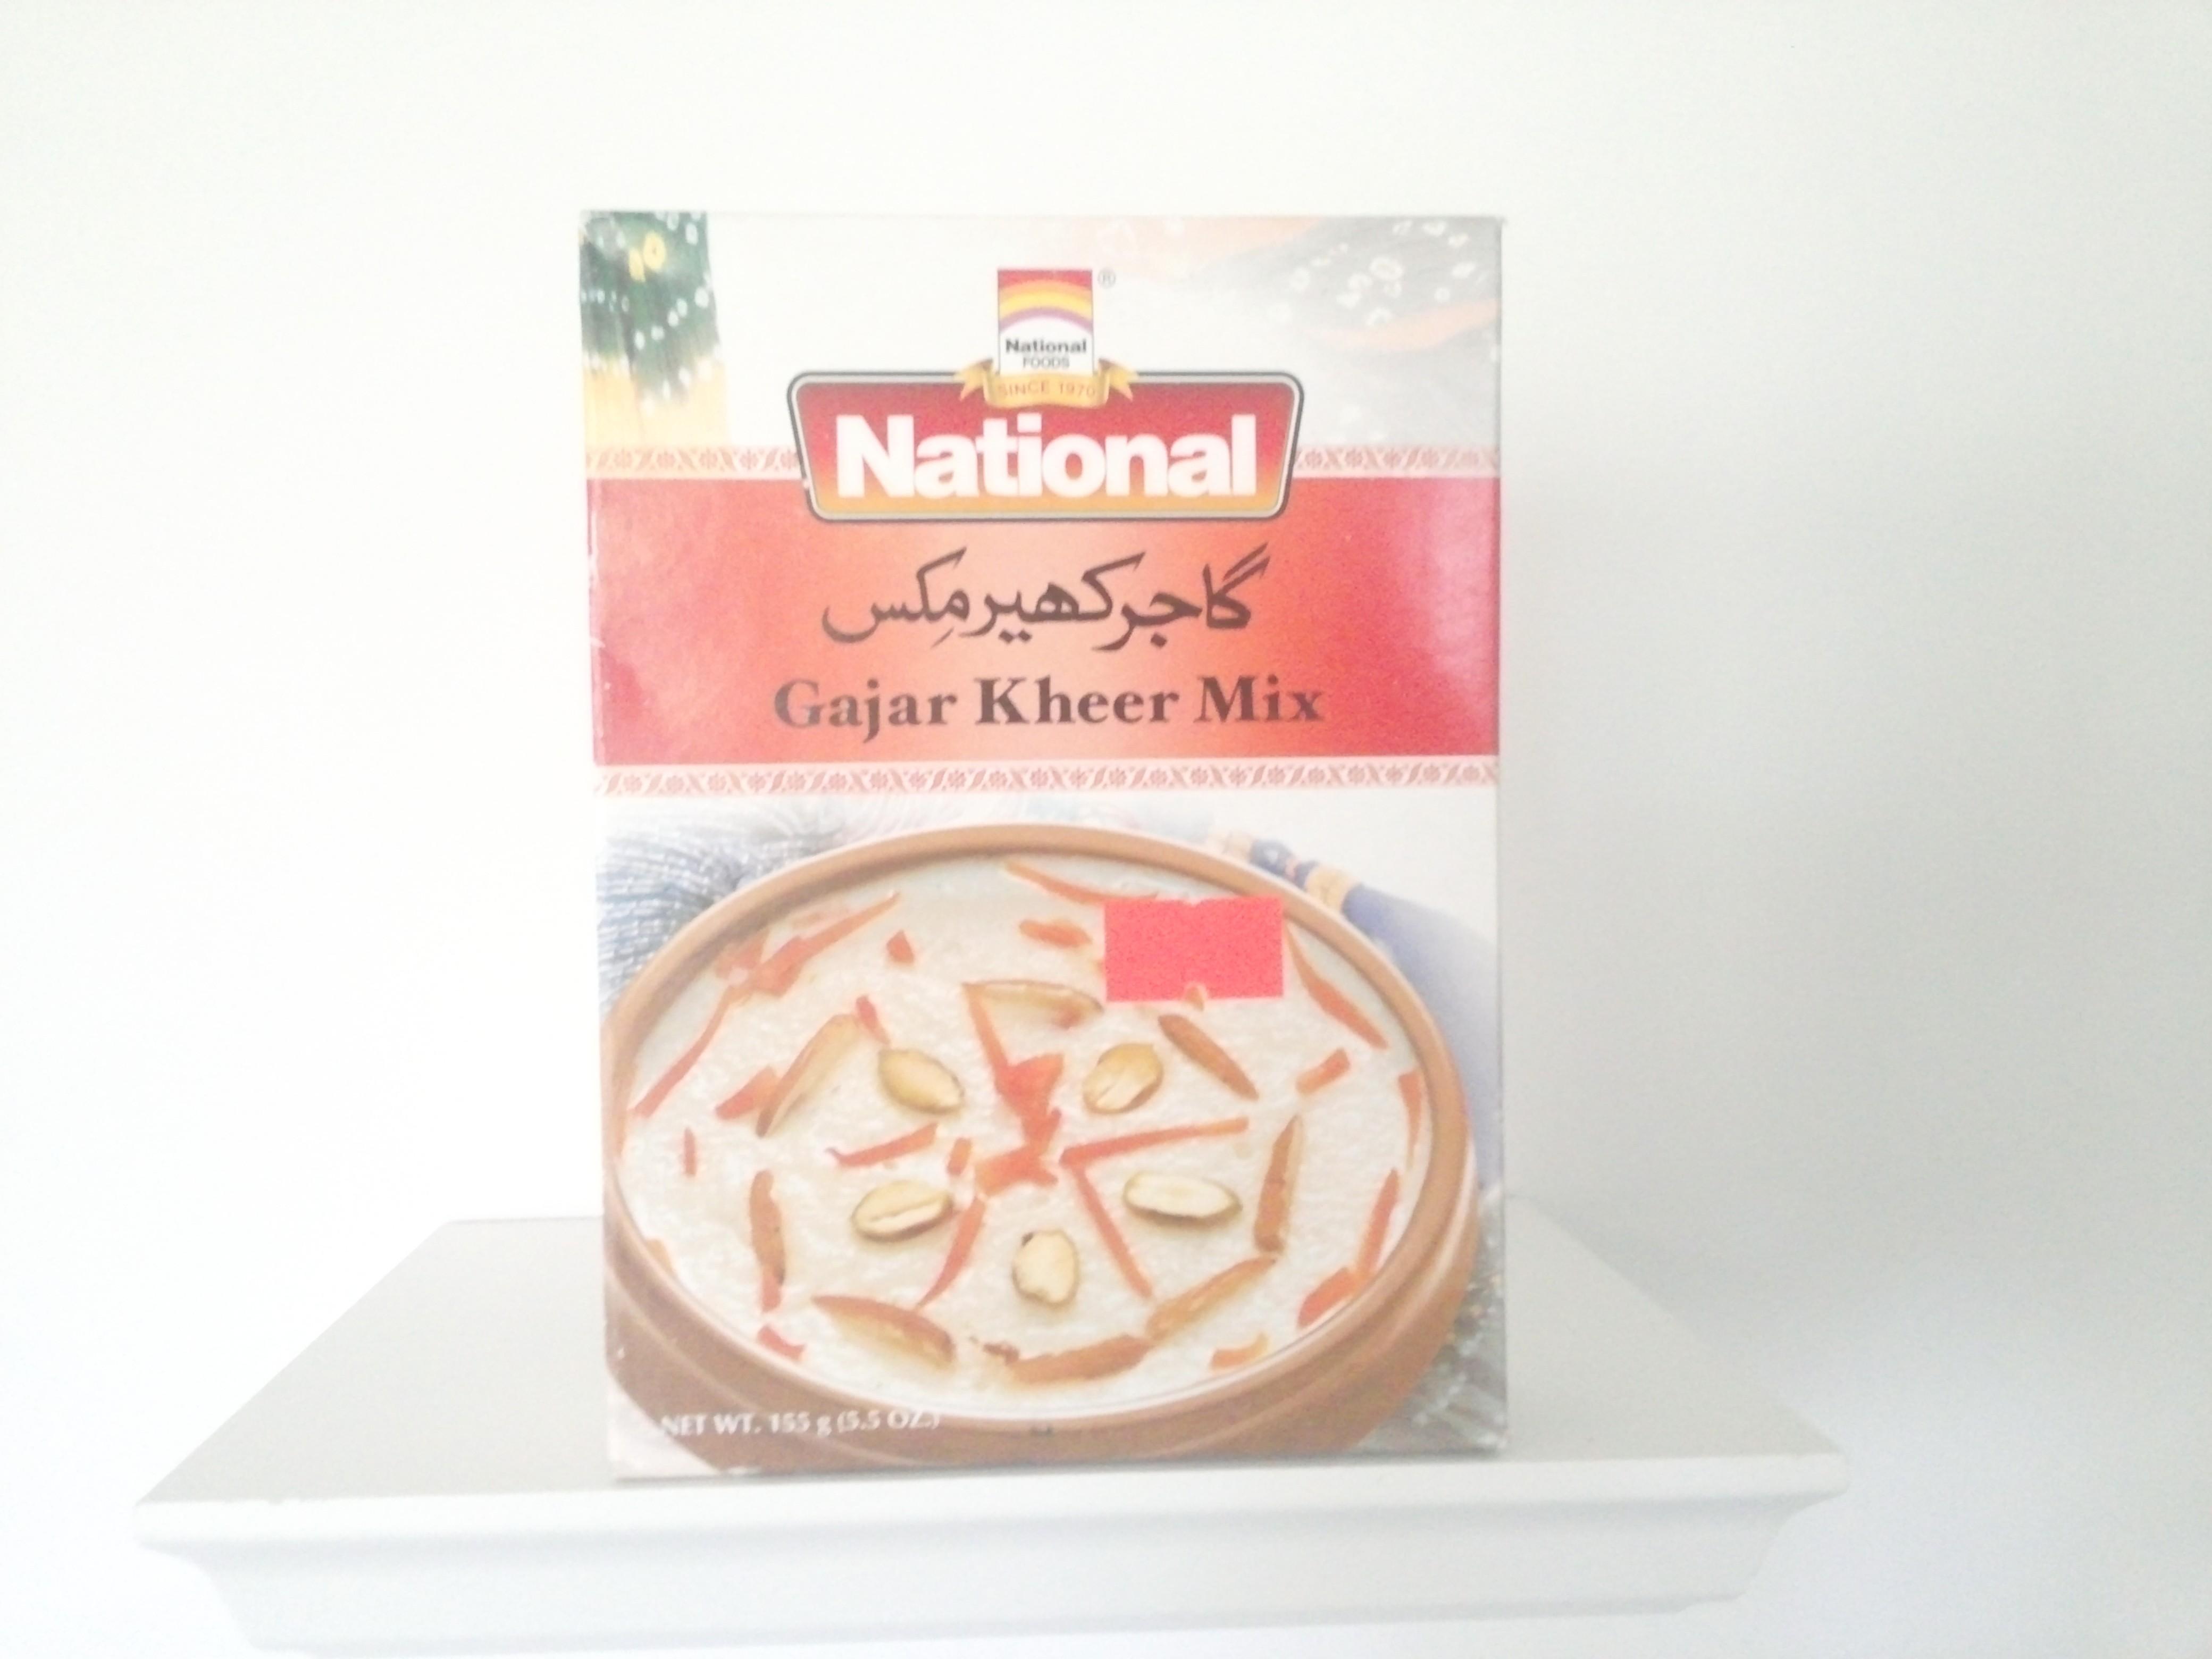 National Gajar Kheer Mix155 grm